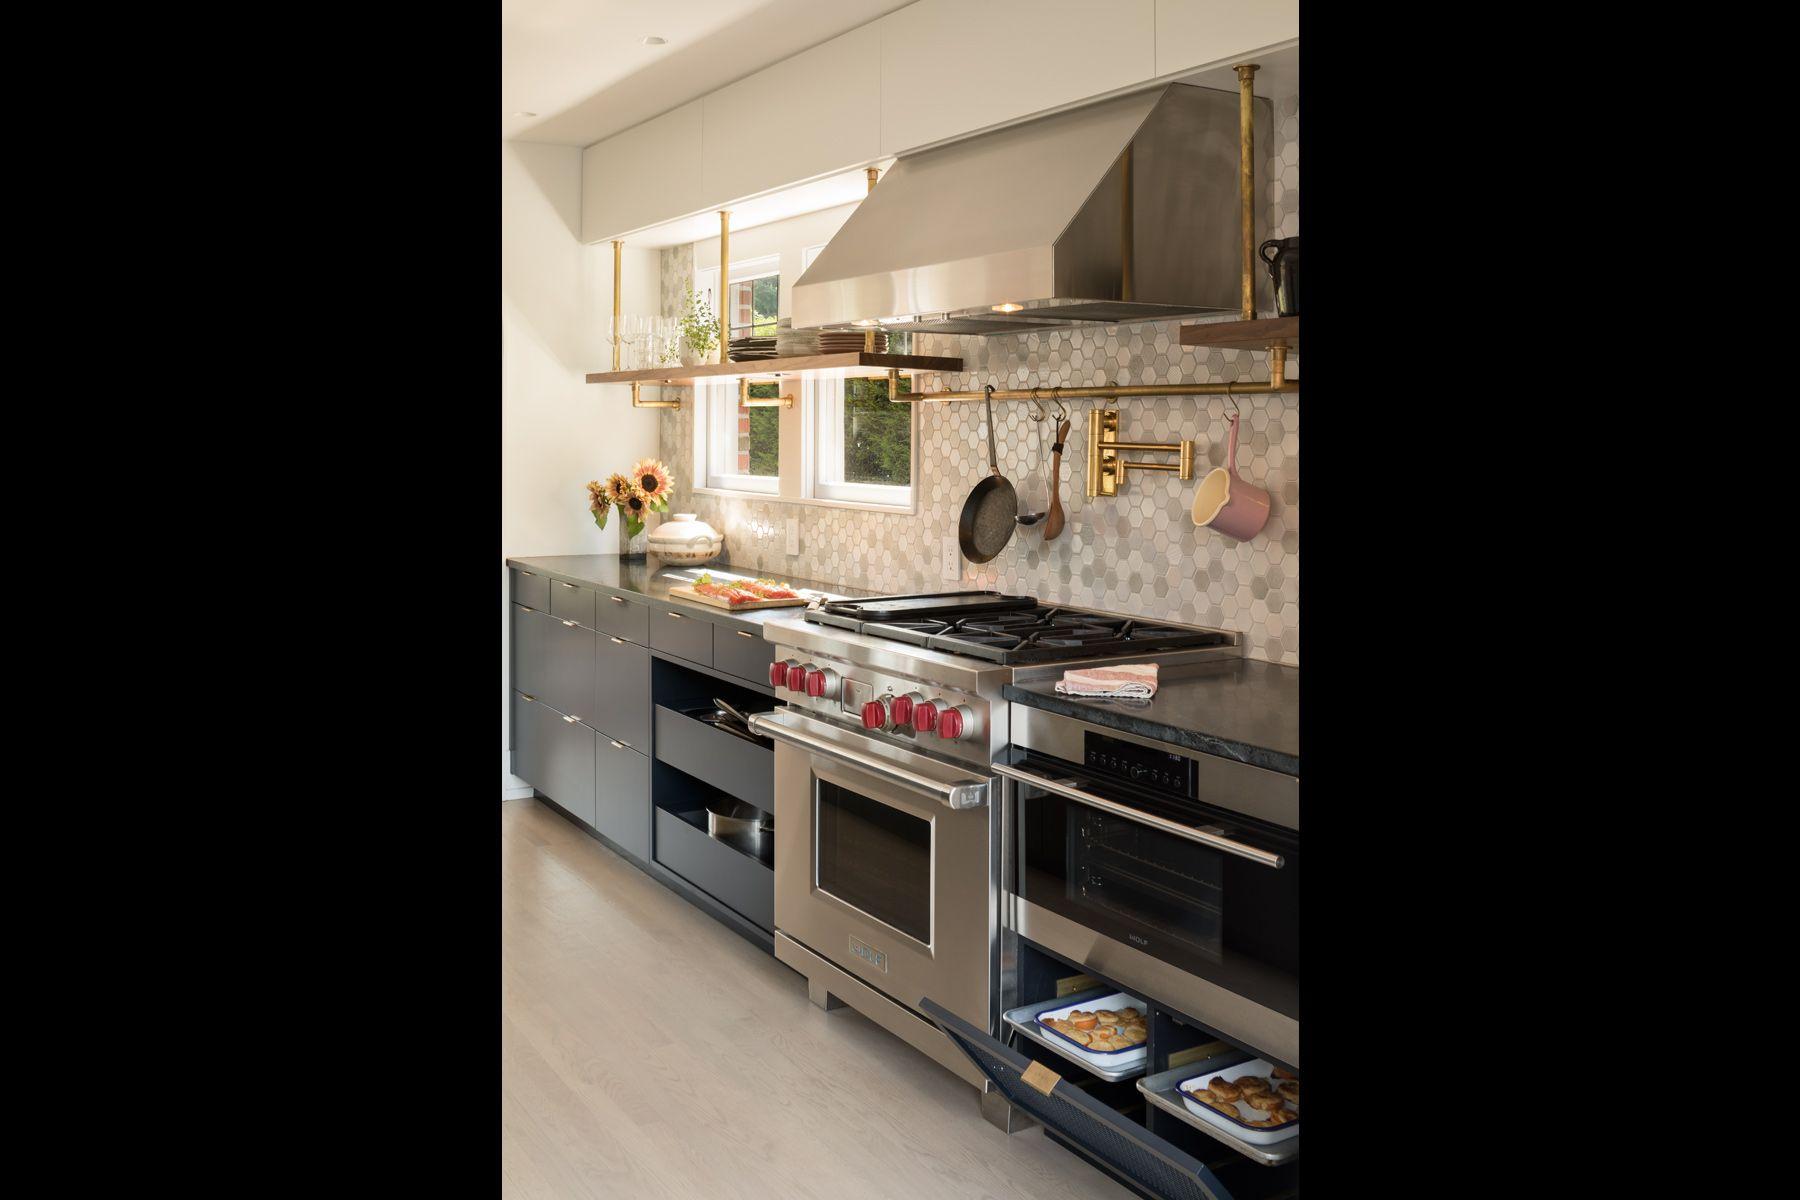 test-kitchen-06.jpg